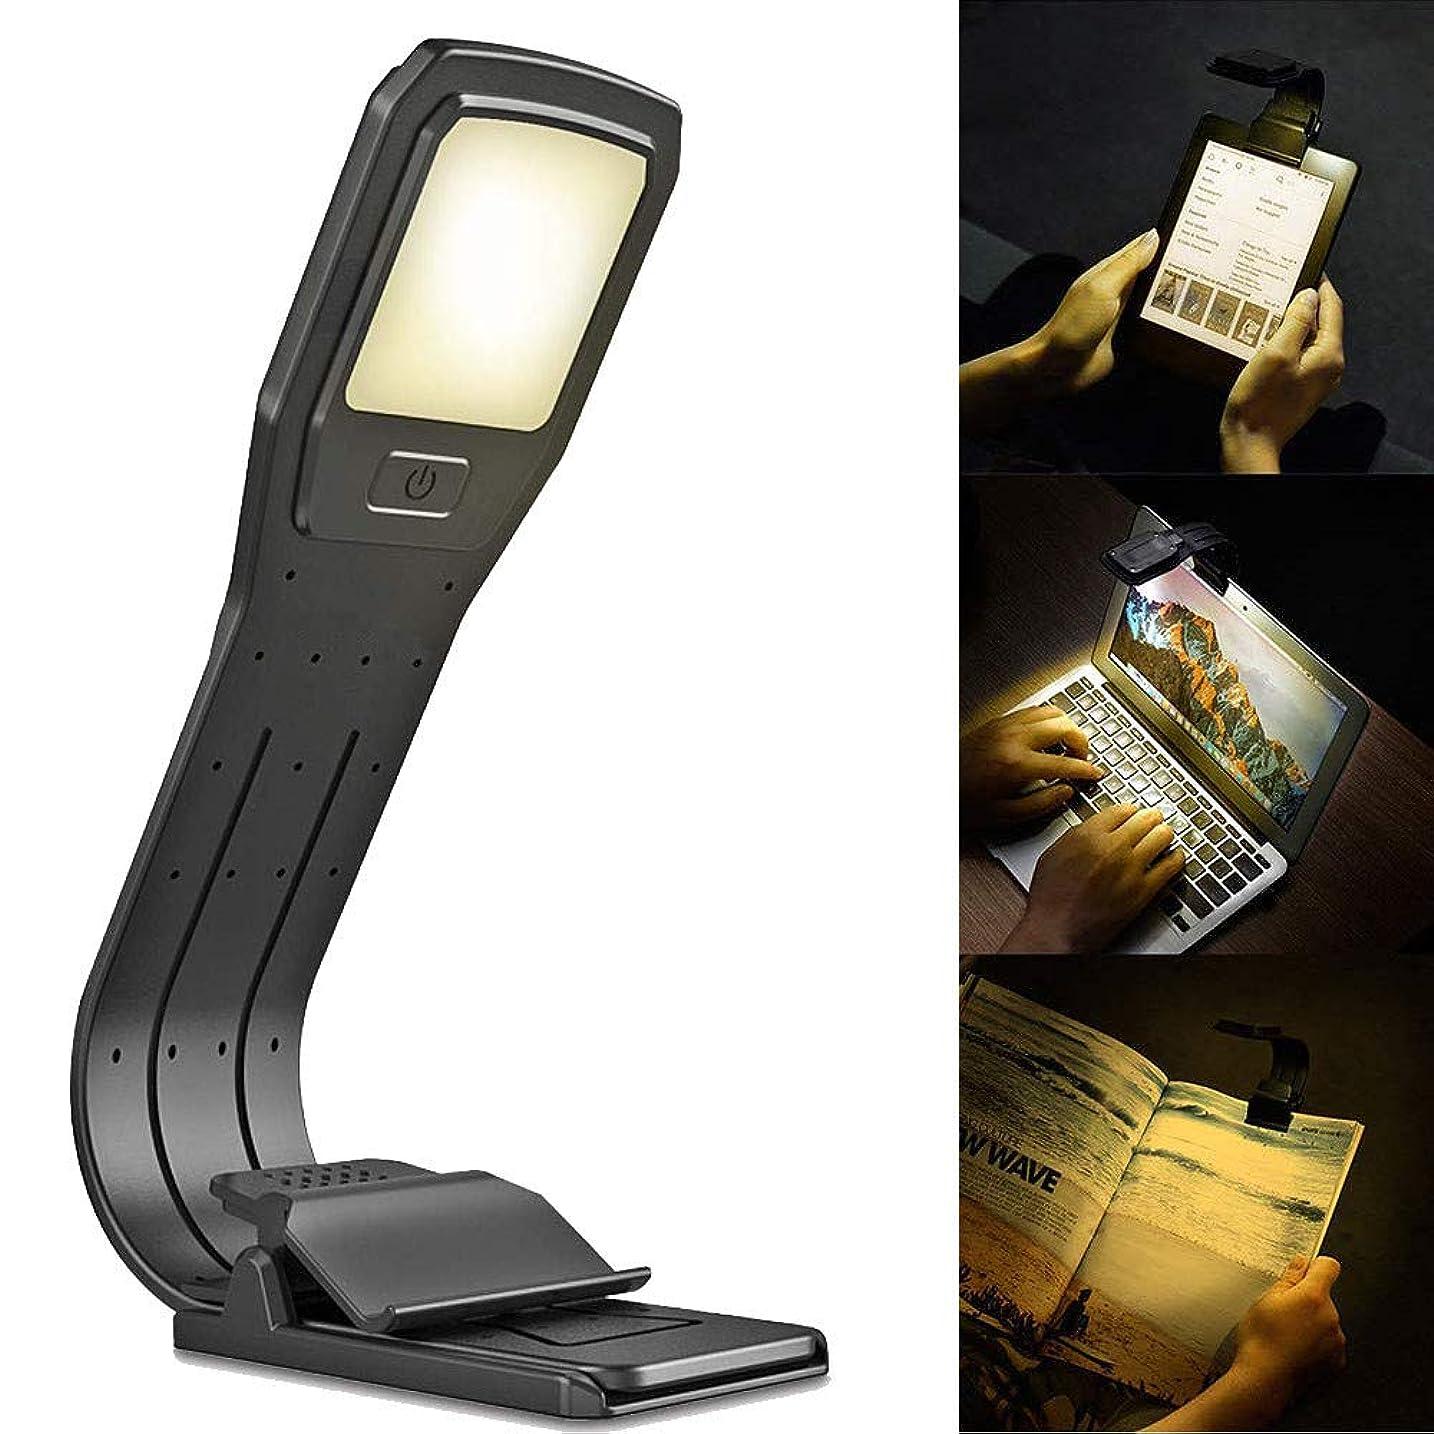 均等に天才内側LEDネックライト 首掛け ライト 地震緊急用 USB充電式 LEDライト フラッシュライト ブックライト フレキシブル 自由自在曲がれる 携帯ライト 3レベル輝度調整 読書 ウォーキング 夜間散歩 アウトドア 防災等対応 by FRMARCH